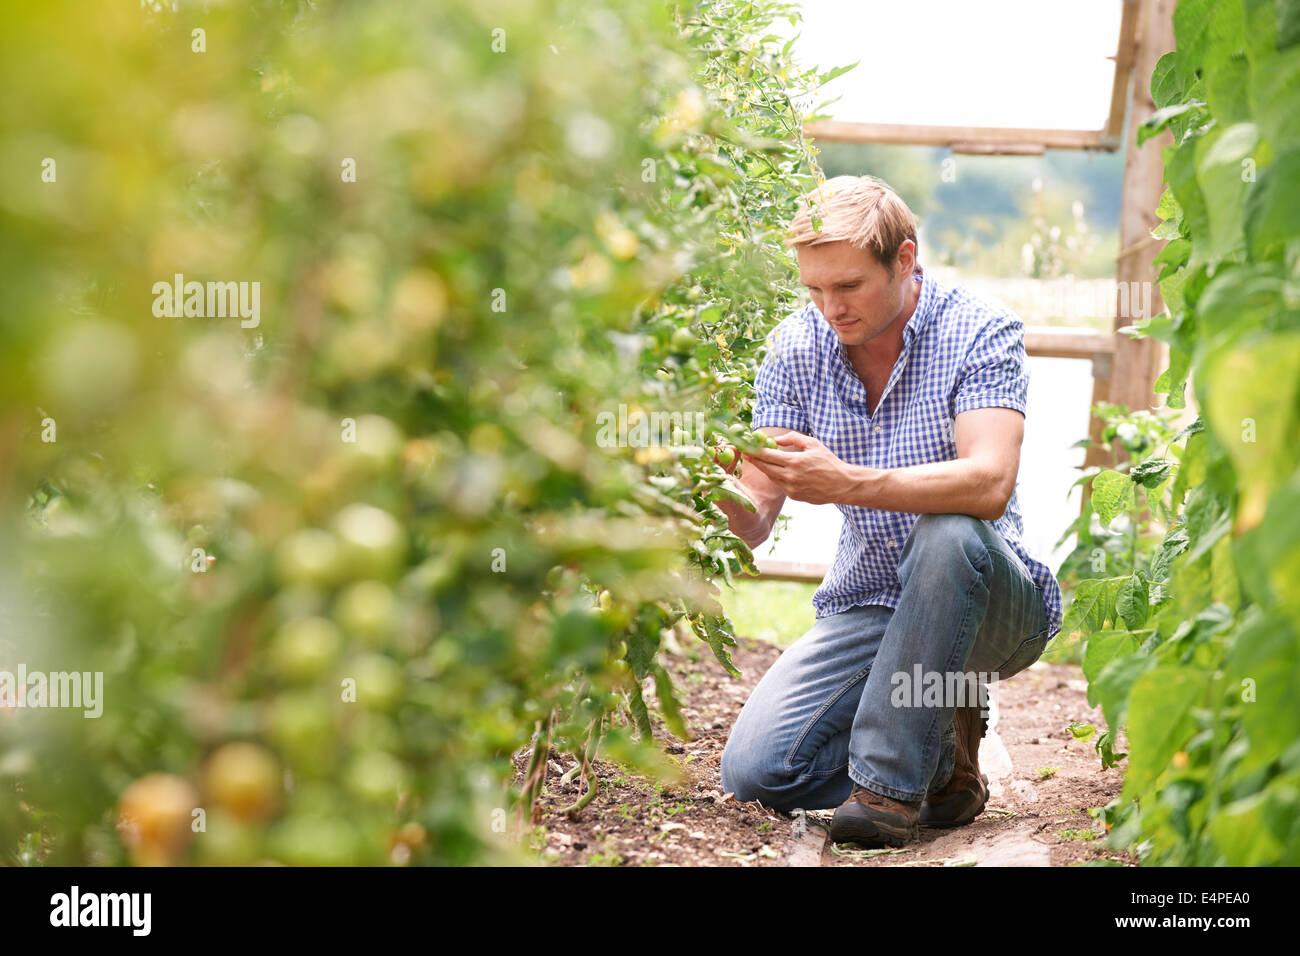 Landwirt Check-Tomatenpflanzen im Gewächshaus Stockbild